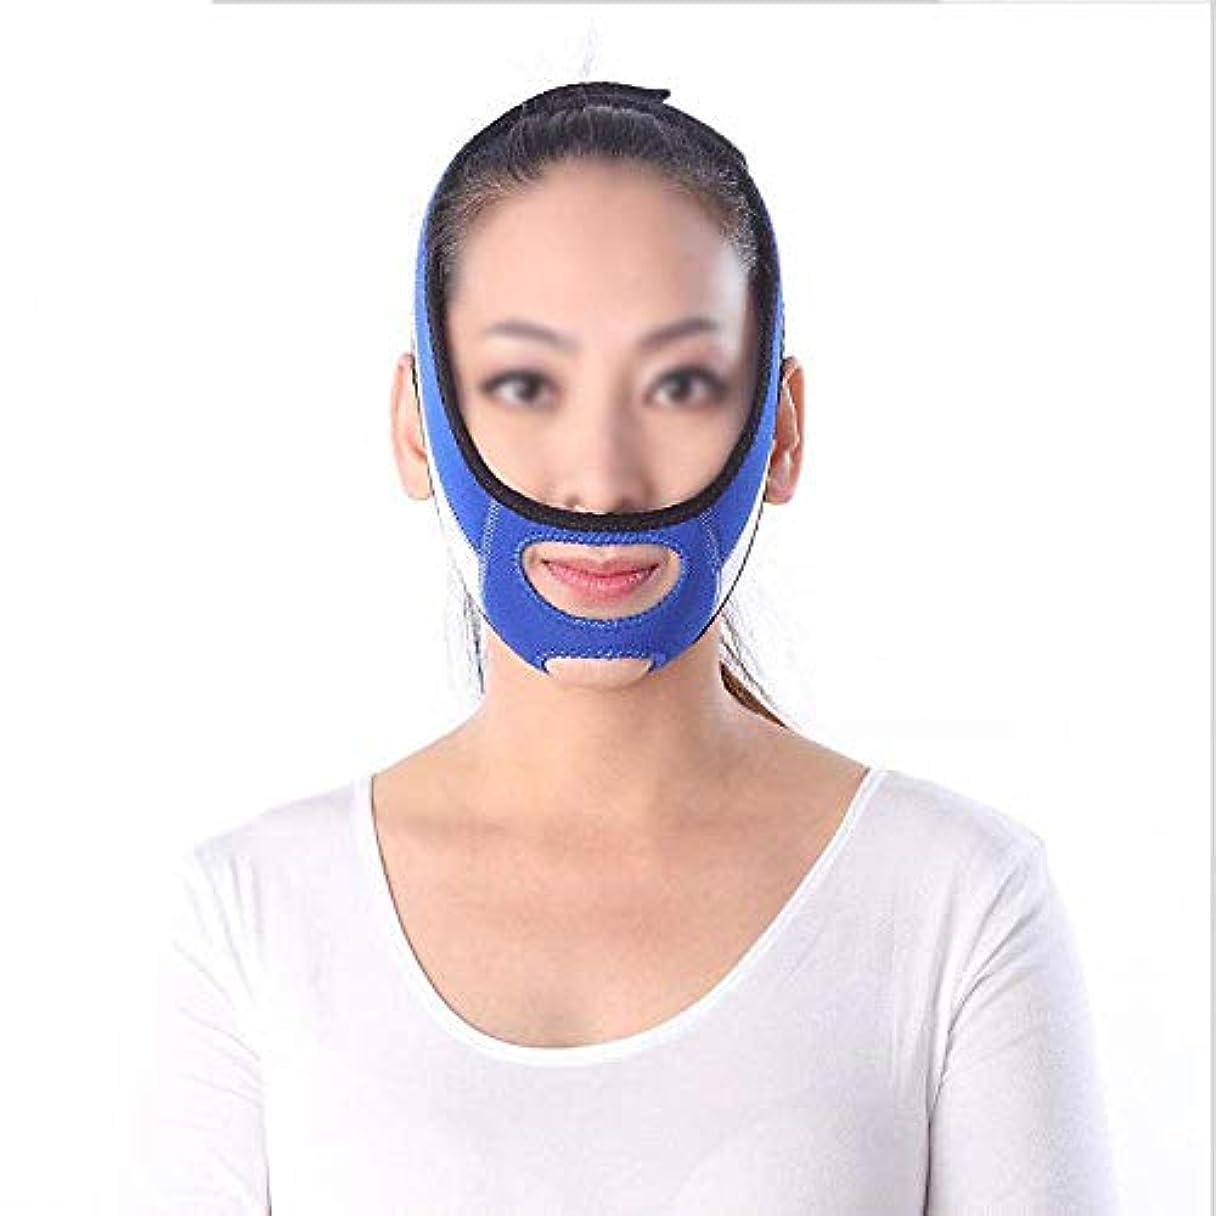 許さないマージンハンディフェイスリフティングマスク、リフティングローパターン包帯ライン彫刻修復ツールフェイスリフティングアーティファクト引き締め肌スモールVフェイスバンド